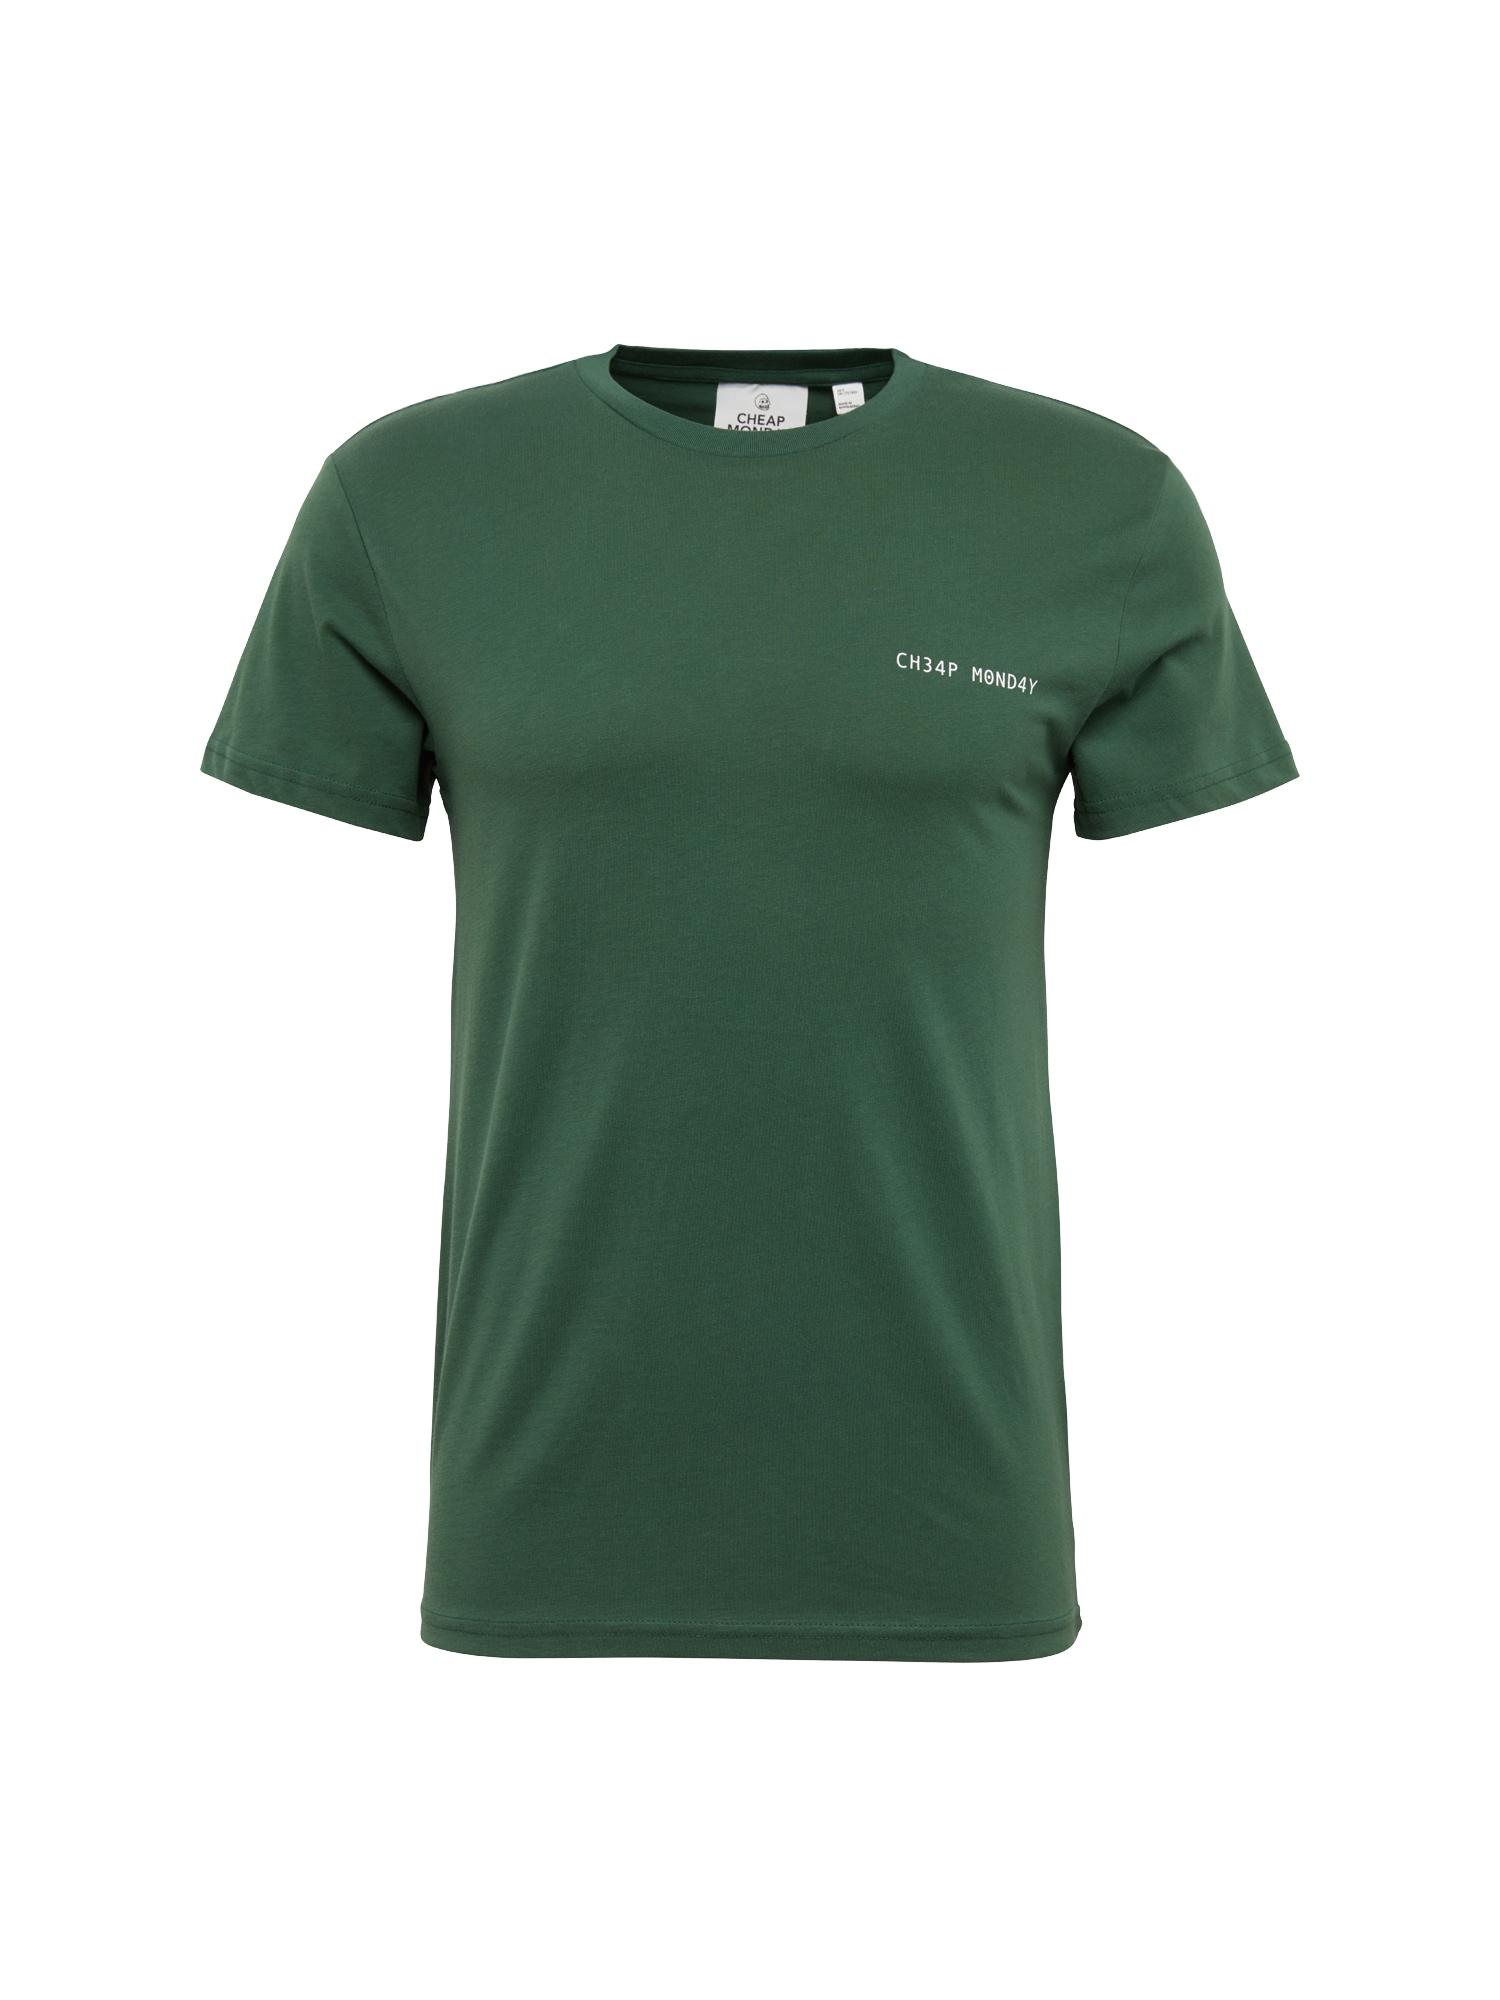 CHEAP MONDAY Heren Shirt Standard tee Security logo groen